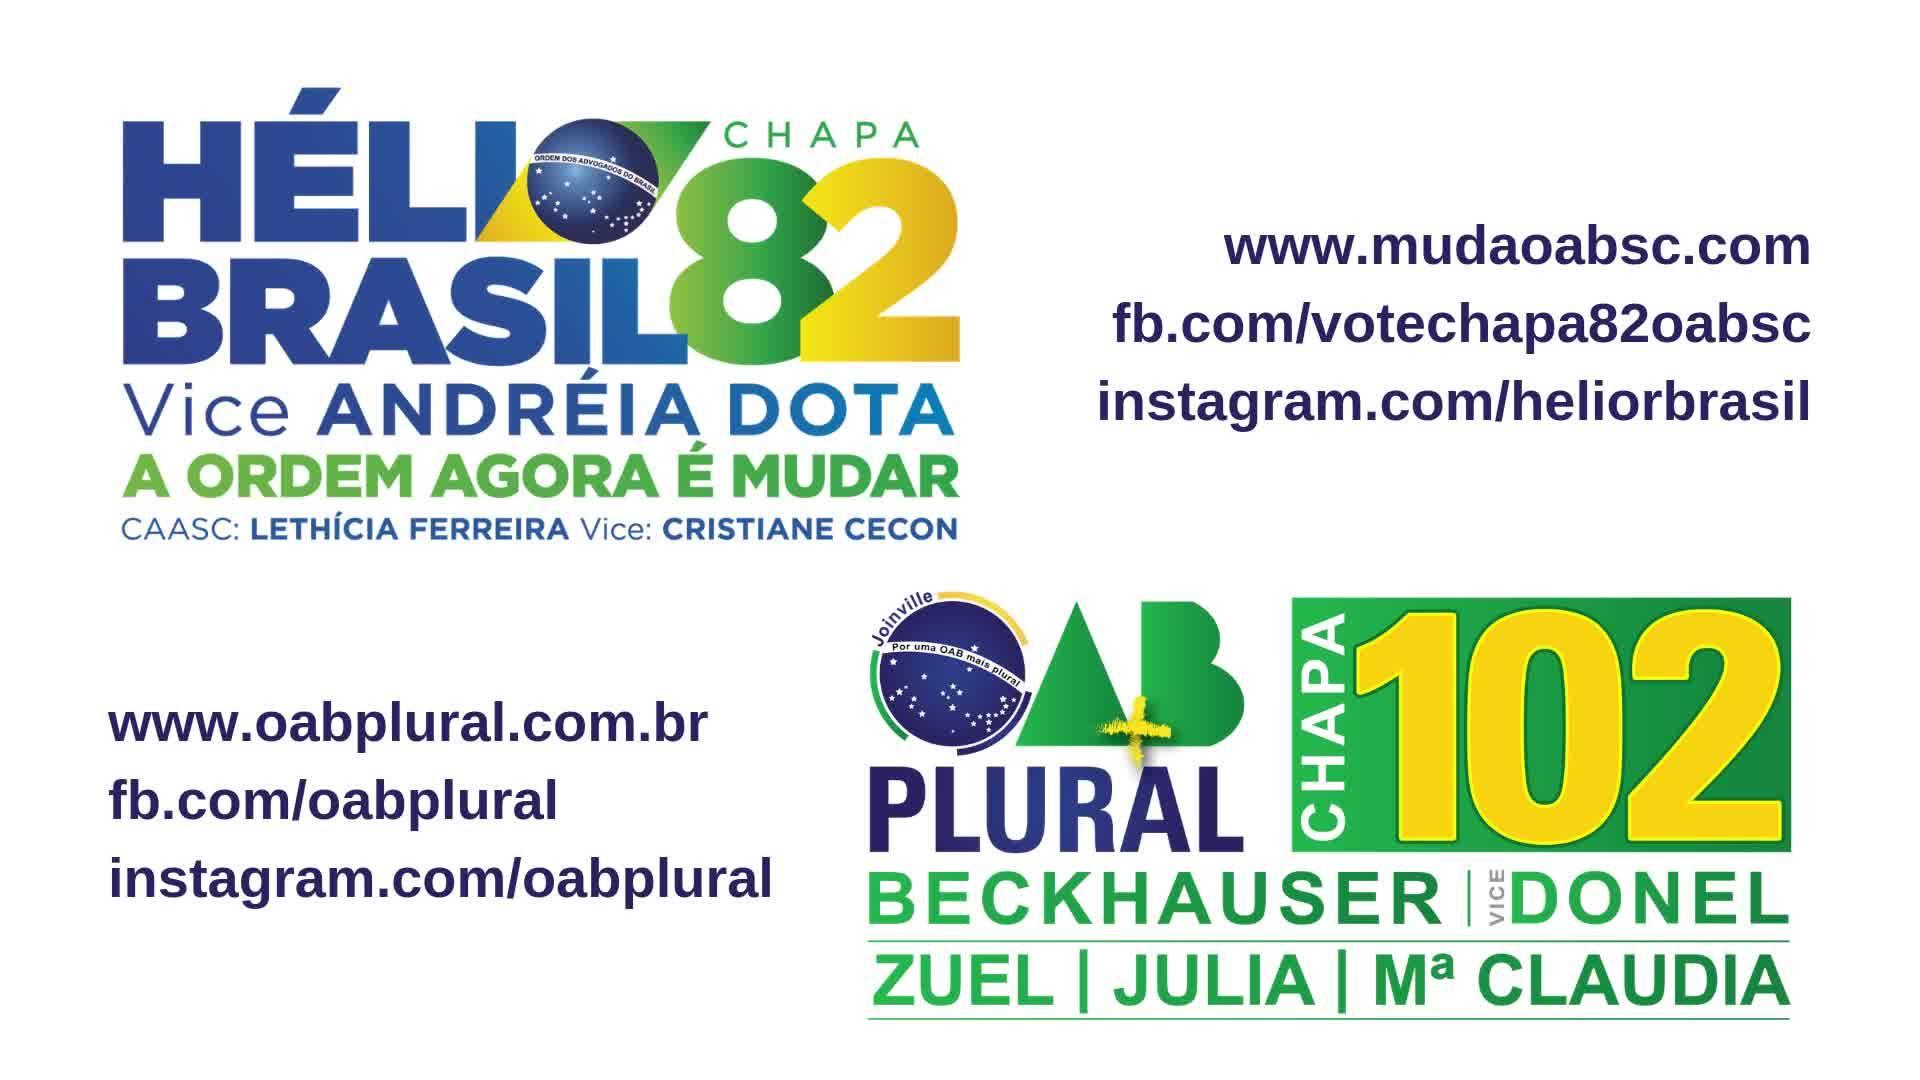 Dia 28/11 vote OAB Plural - CHAPA 102 - Subseção Joinville